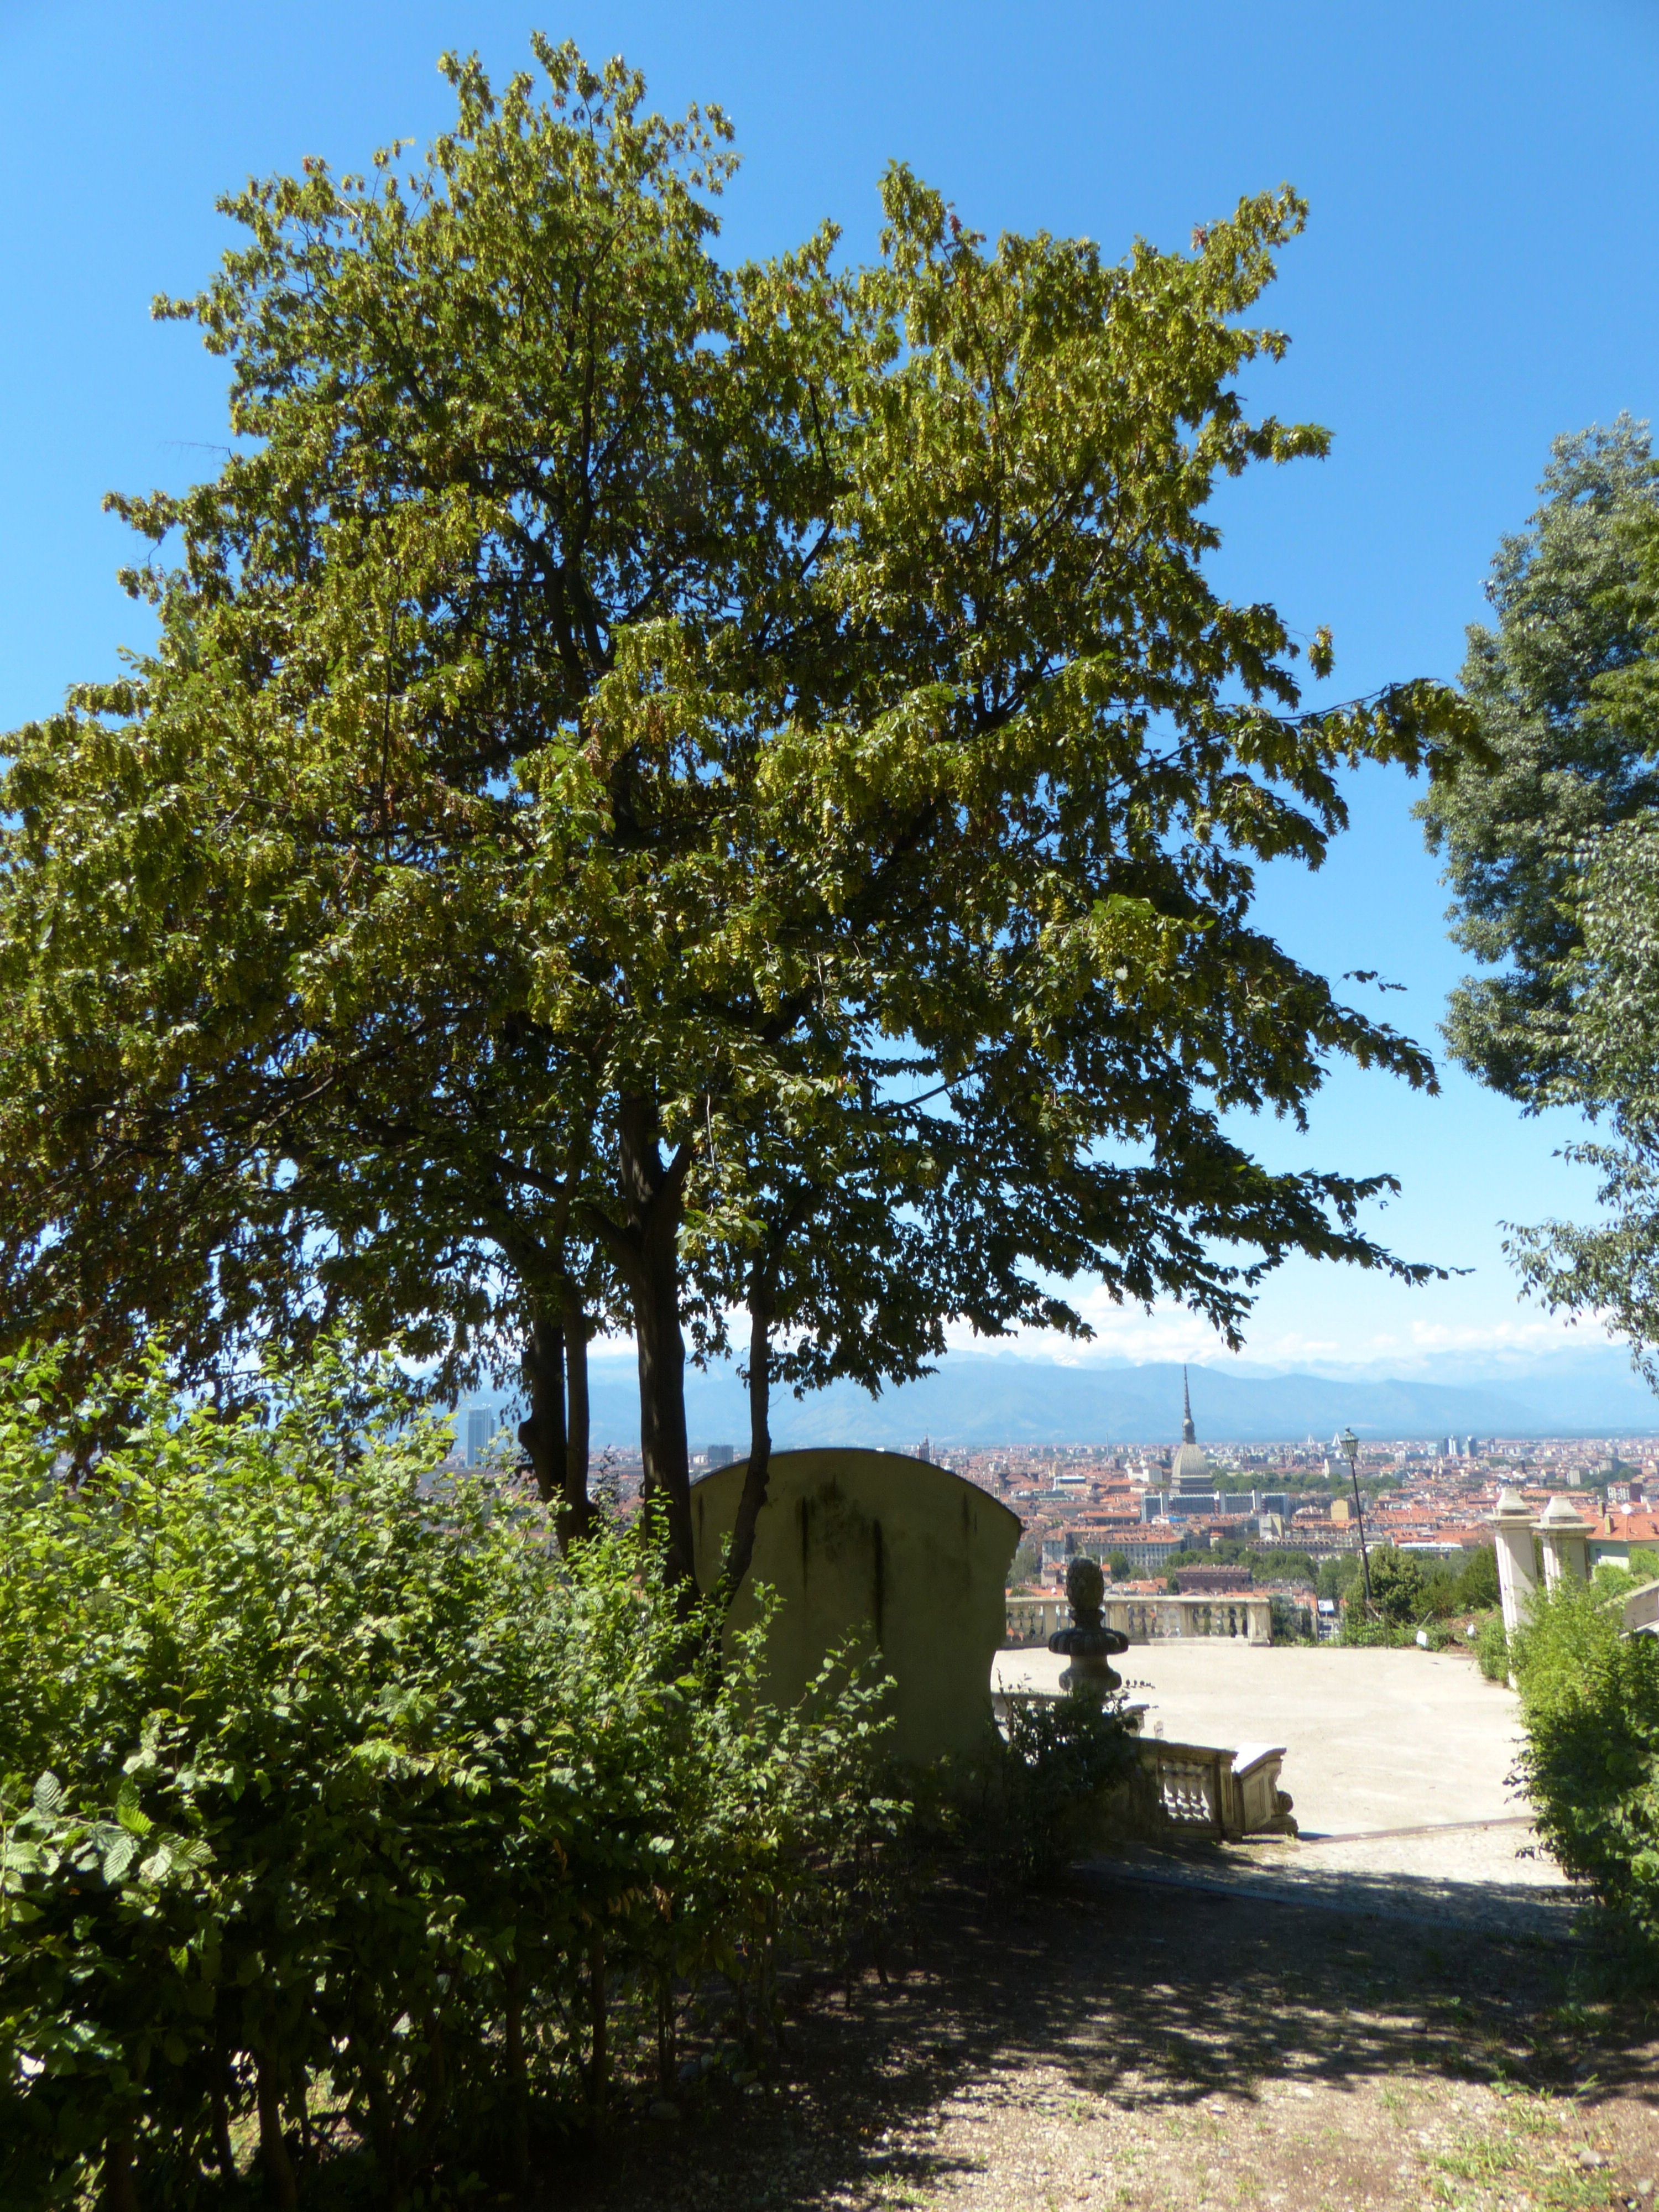 © Dipartimento di Scienze della Vita, Università di Trieste<br>by Andrea Moro<br>Comune di Torino, Villa della Regina, To, Piemonte, Italia, 28/07/2016<br>Distributed under CC-BY-SA 4.0 license.